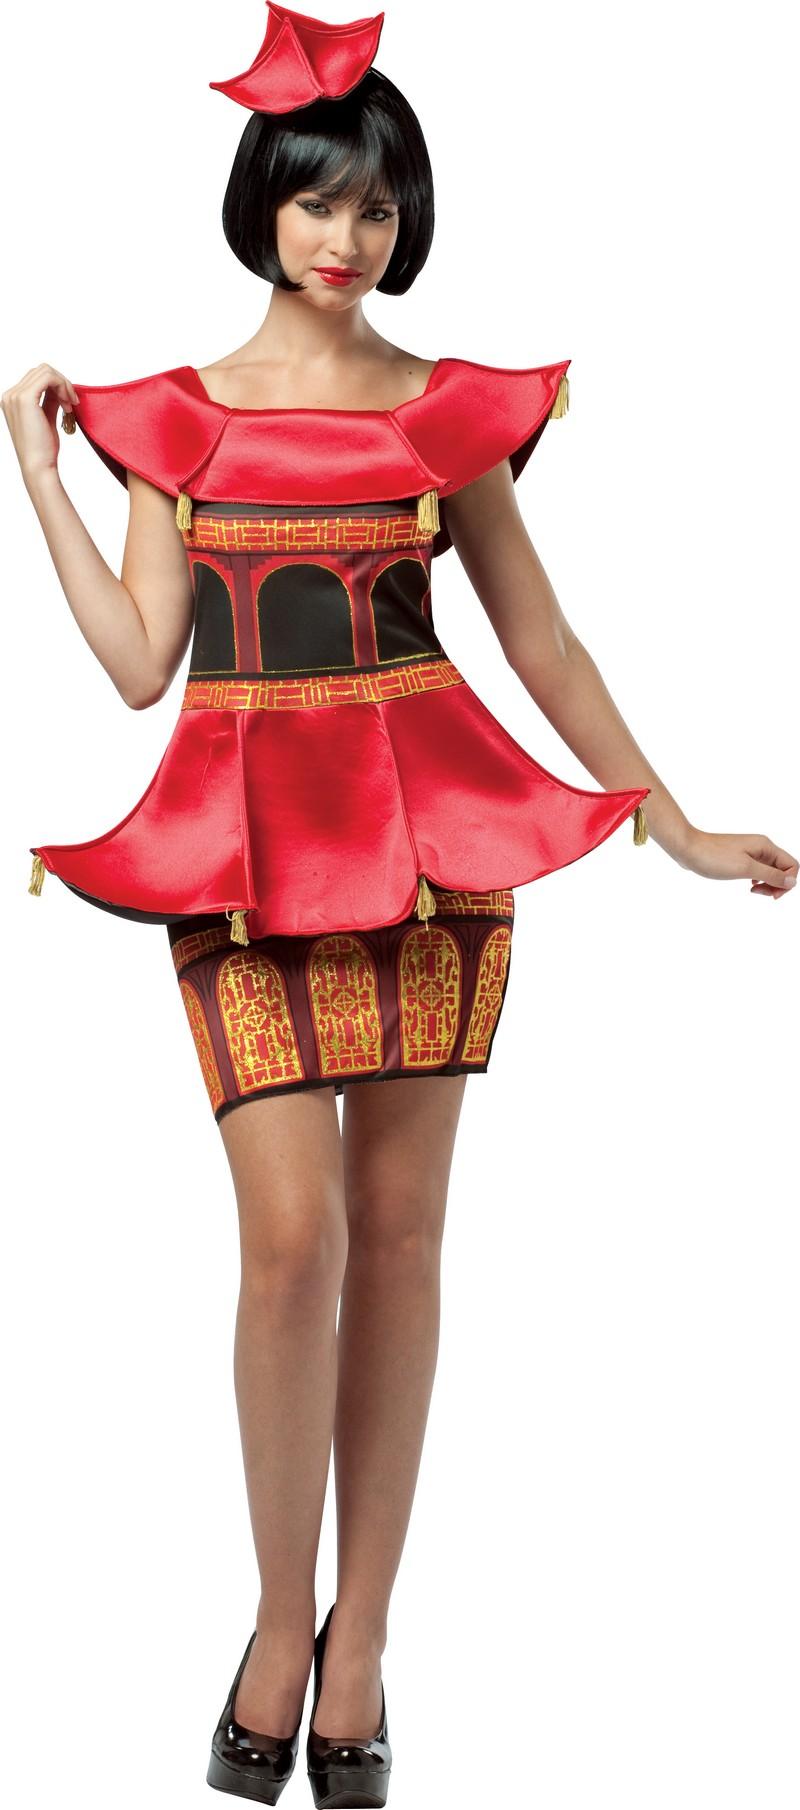 d guisement asiatique original costume de pagode chinoise pas cher pour femme nouvel an chinois. Black Bedroom Furniture Sets. Home Design Ideas